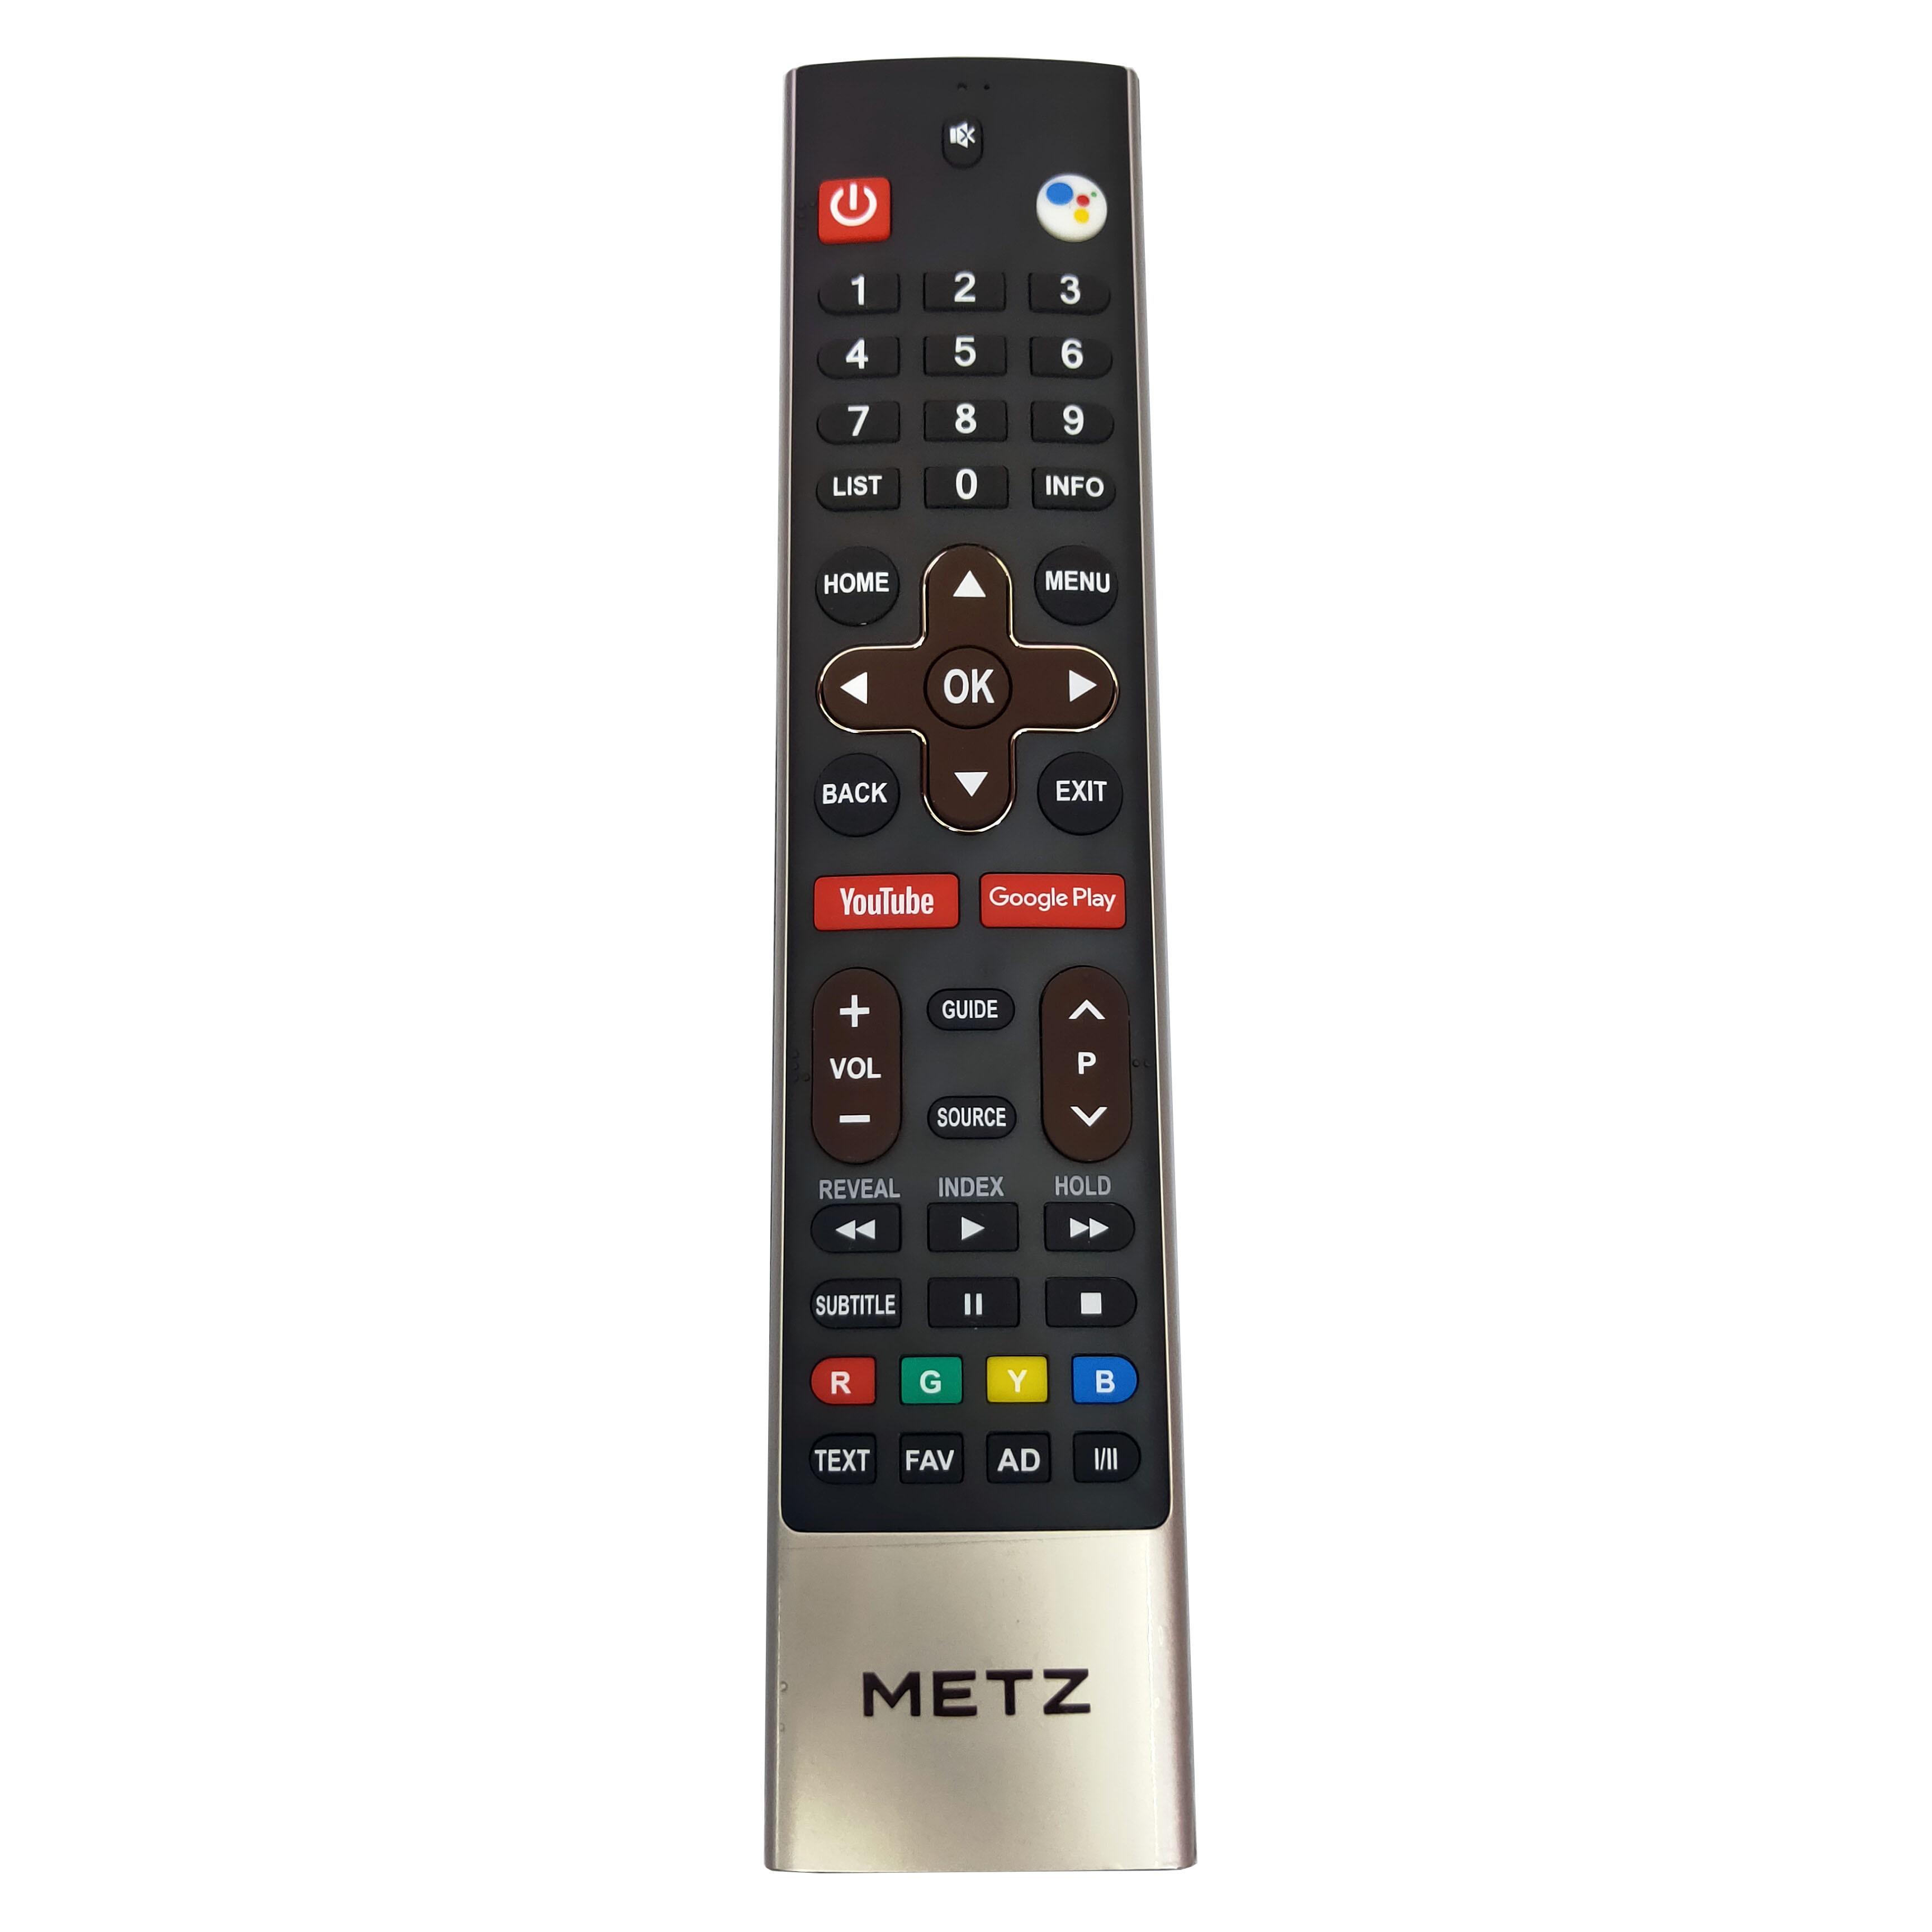 Новый оригинальный 539C 267708 W040 для METZ Smart LCD LED HDTV TV пульт дистанционного управления с YouTube Google play Fernbedienung|Пульты ДУ|   | АлиЭкспресс